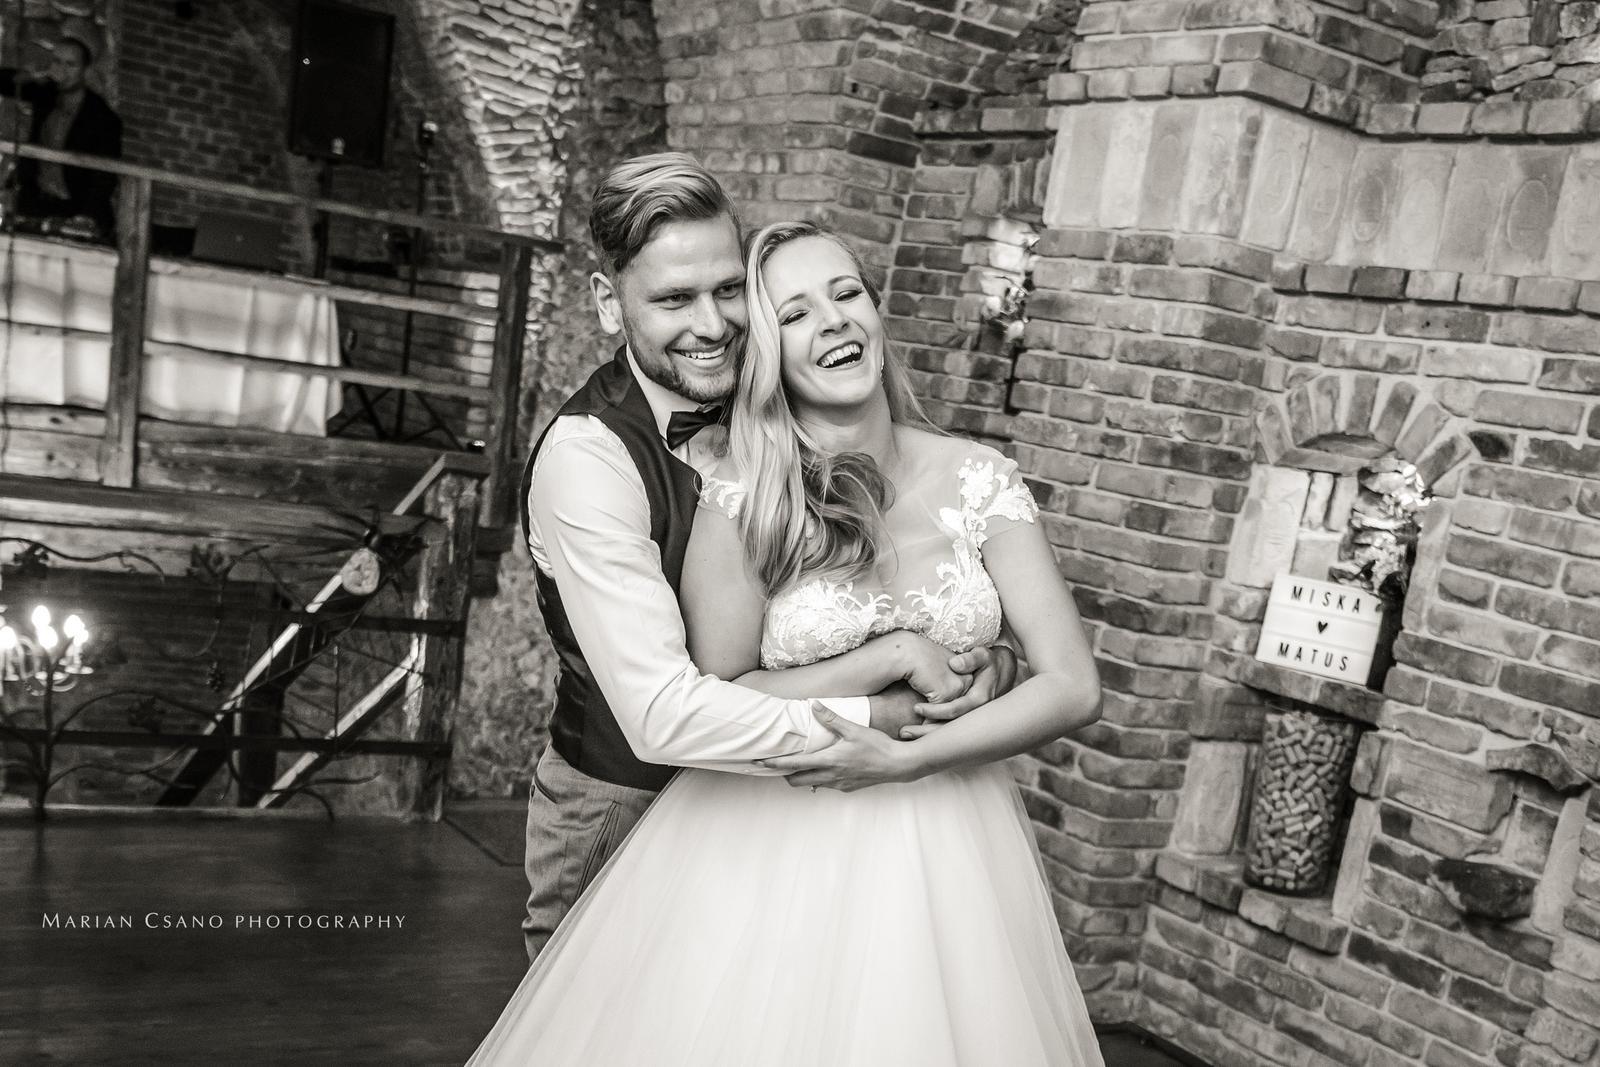 Miška & Matúš @ Neco Winery Modra - Obrázok č. 23